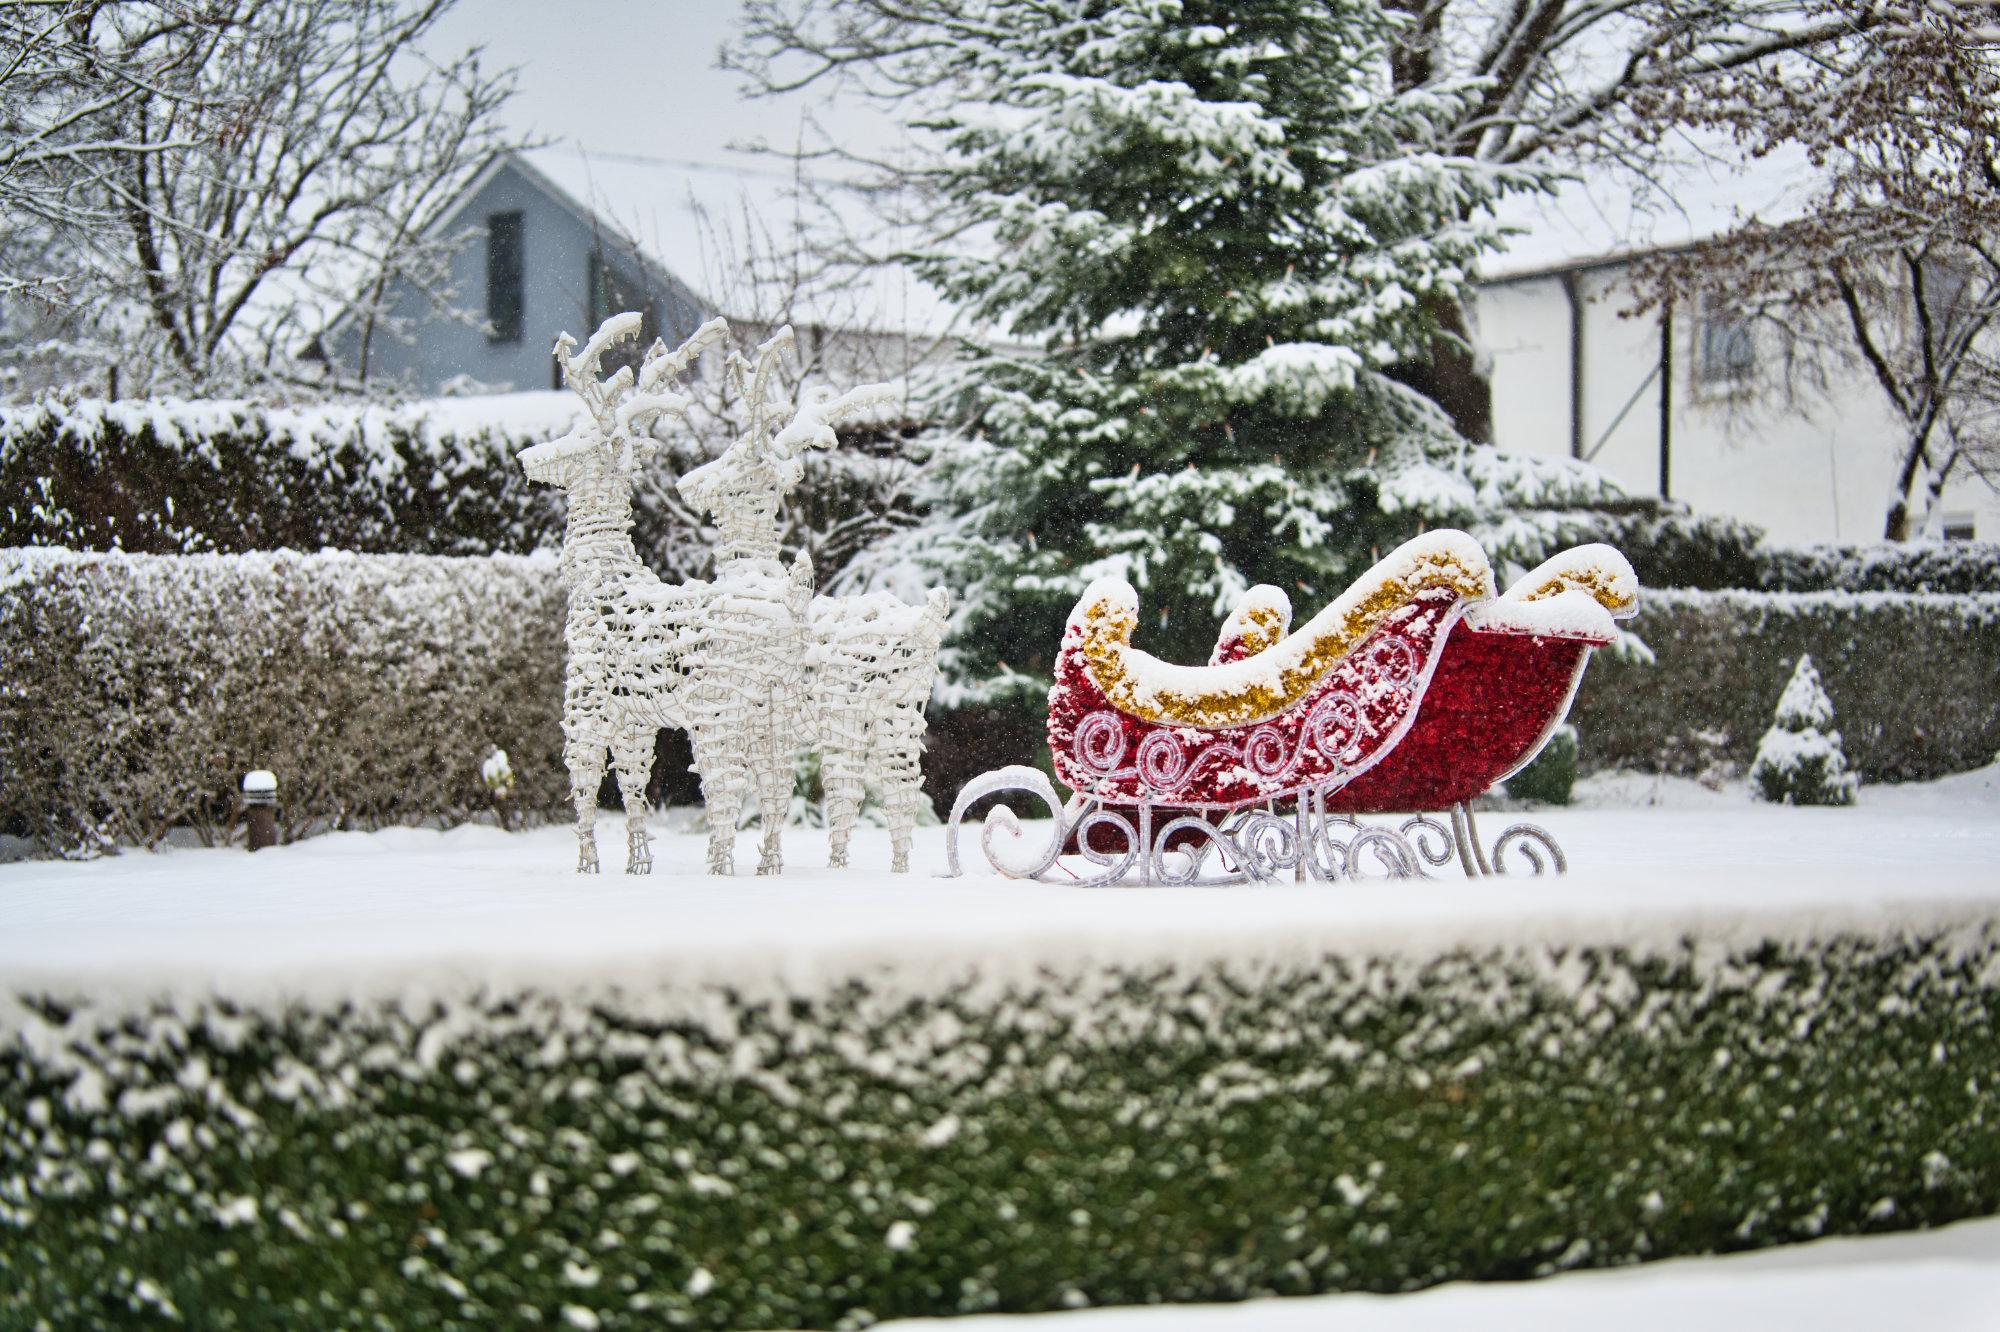 Reindeer in winter in the hotel garden